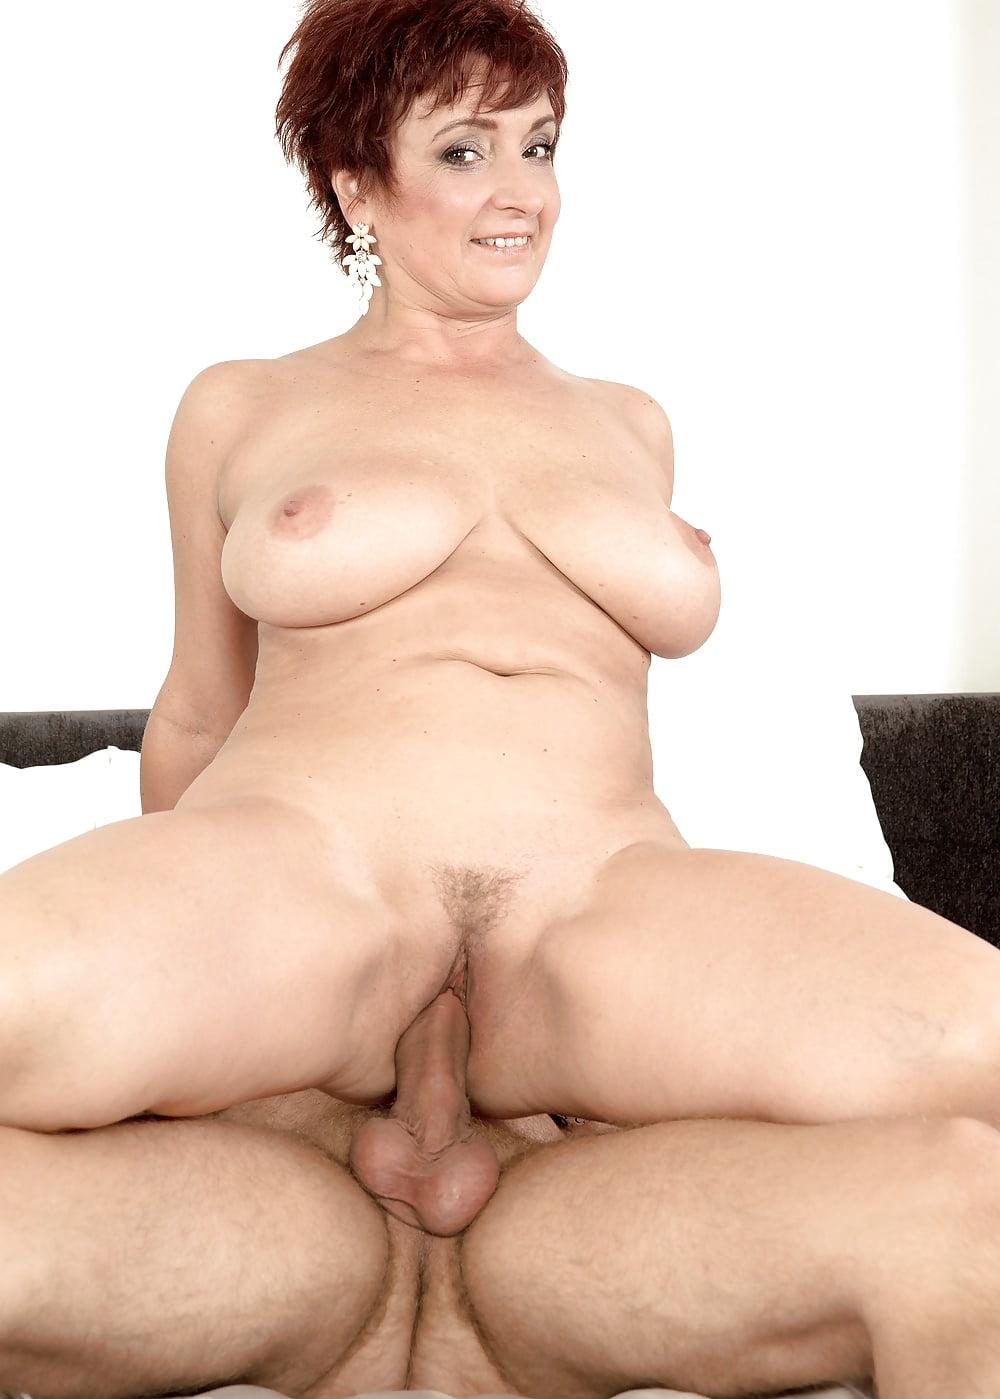 Www Xxx Coe Free Porn Galery Pics, Www Xxx Coe Online Porn